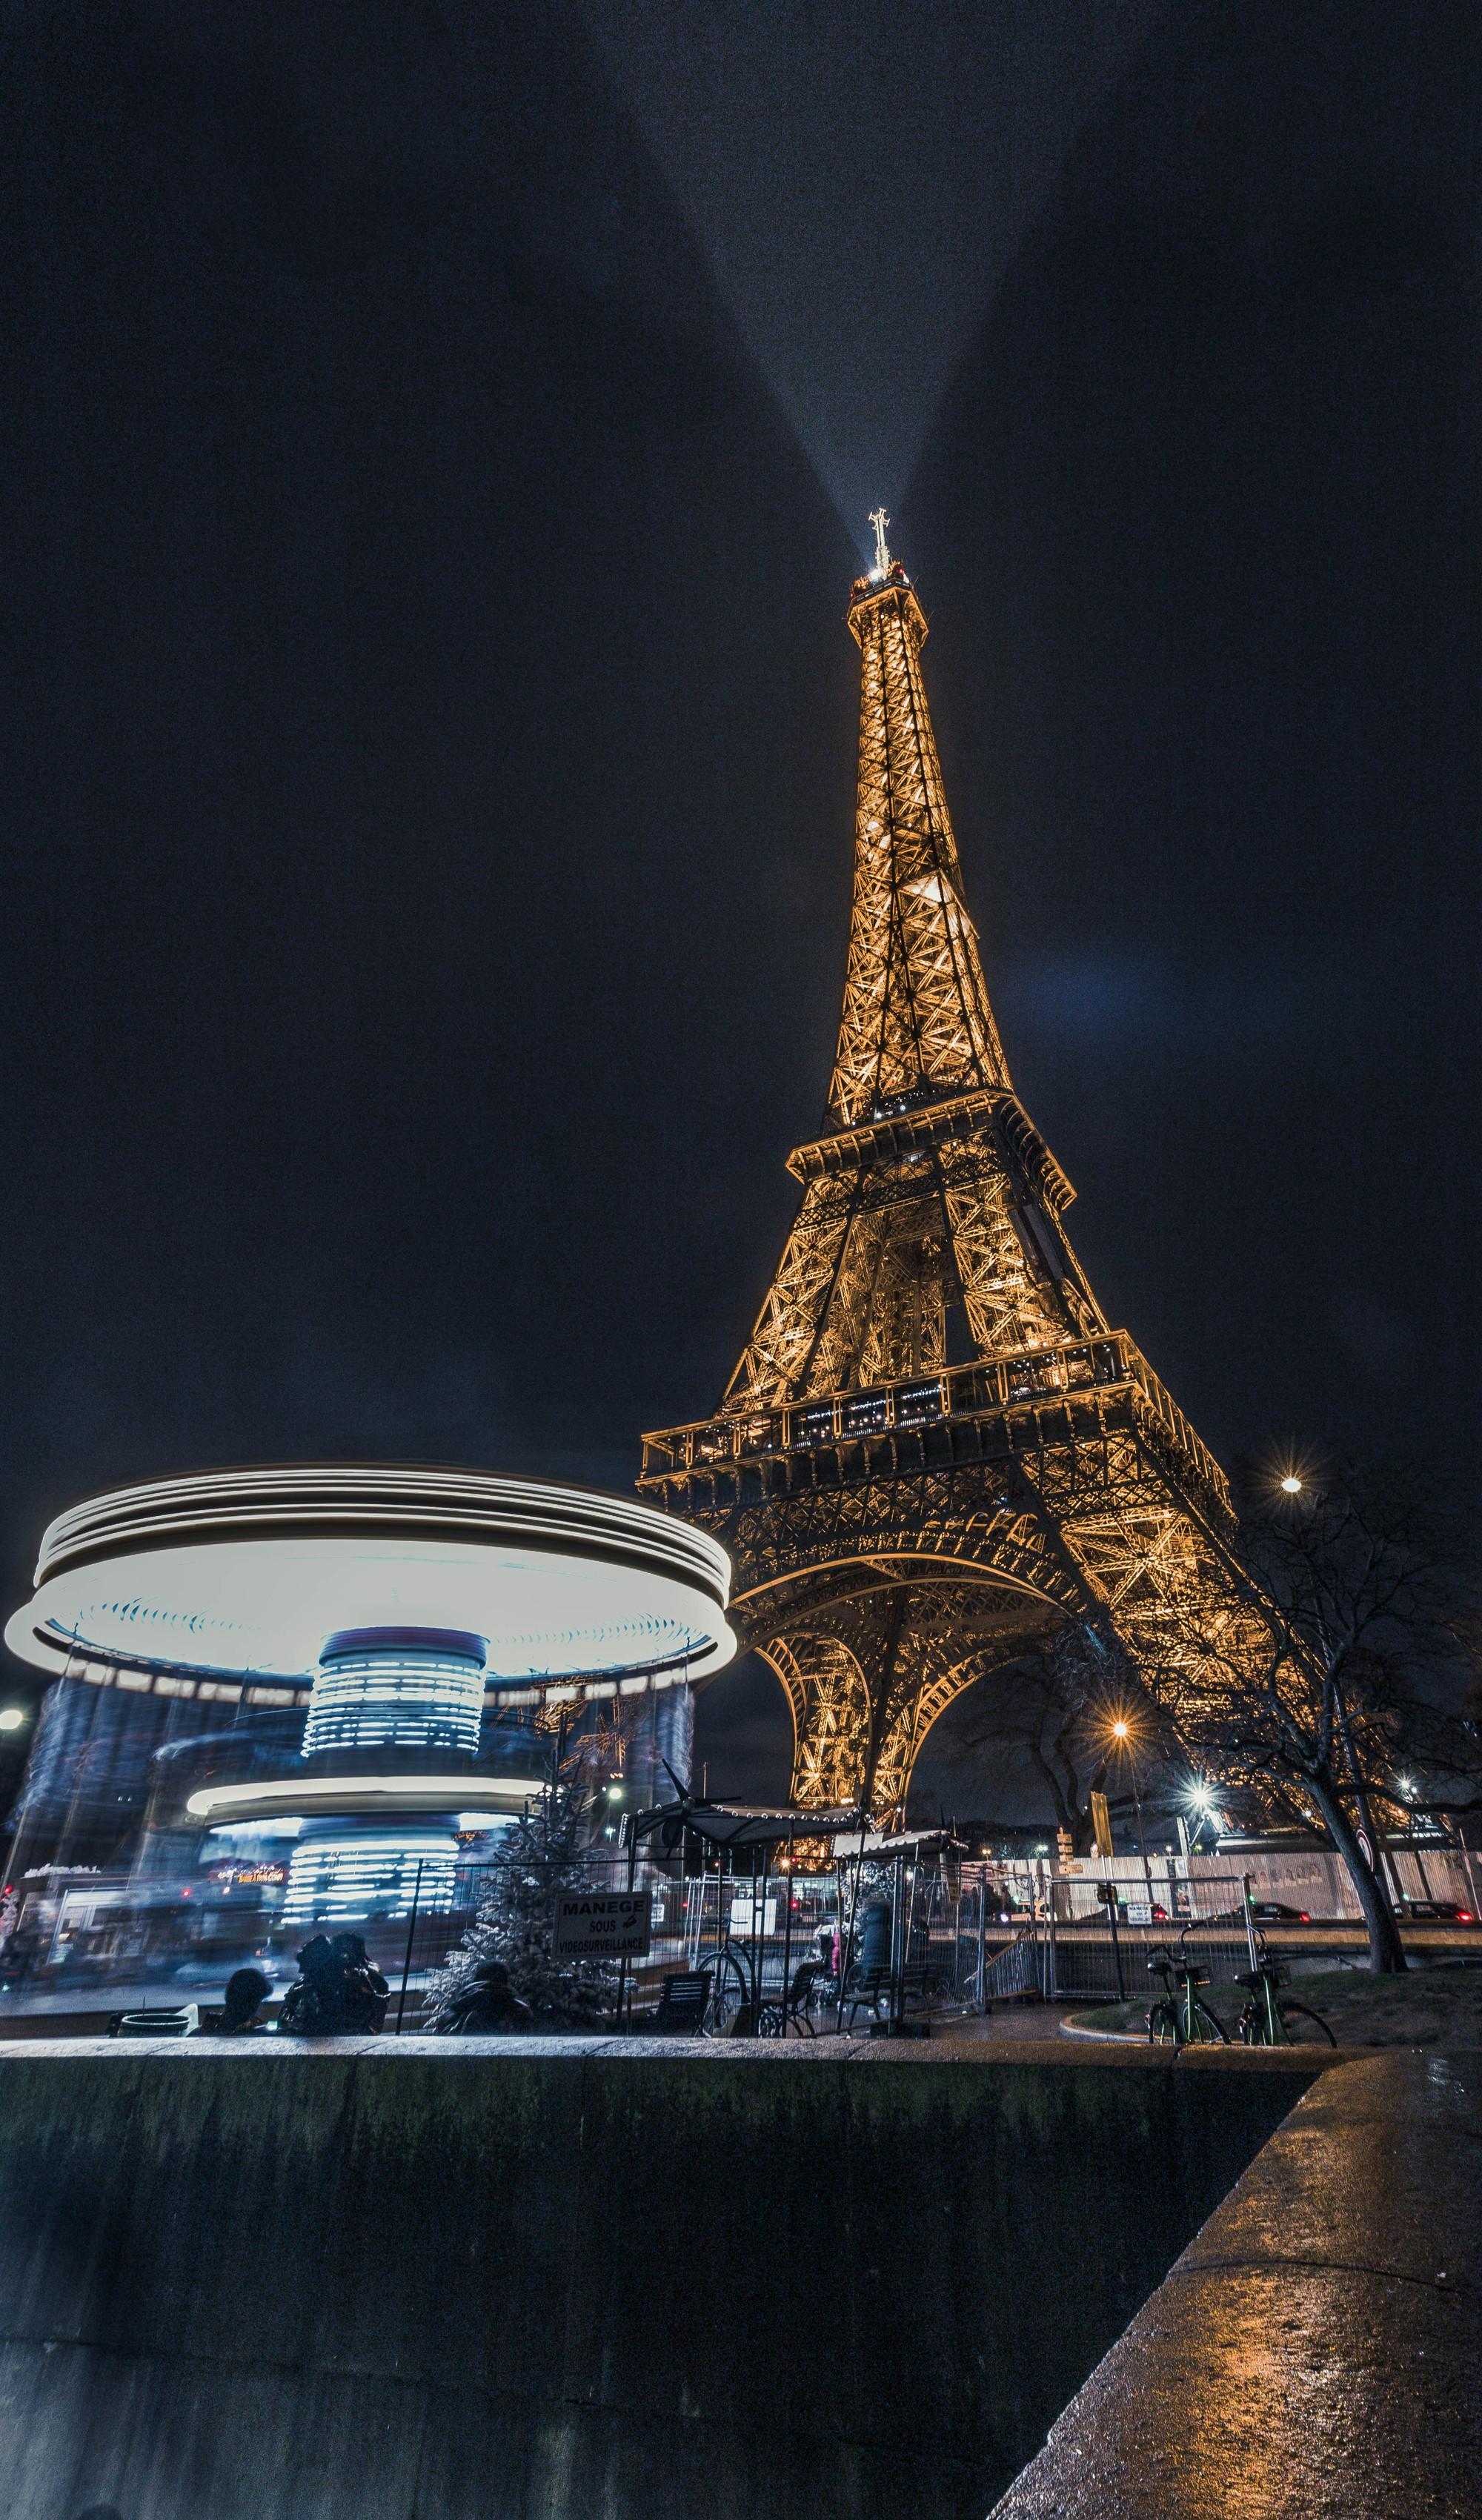 Chụp hình tháp Eiffel vào buổi tối có thể khiến bạn... bị kiện ra toà, và đây là lí do! - Ảnh 3.